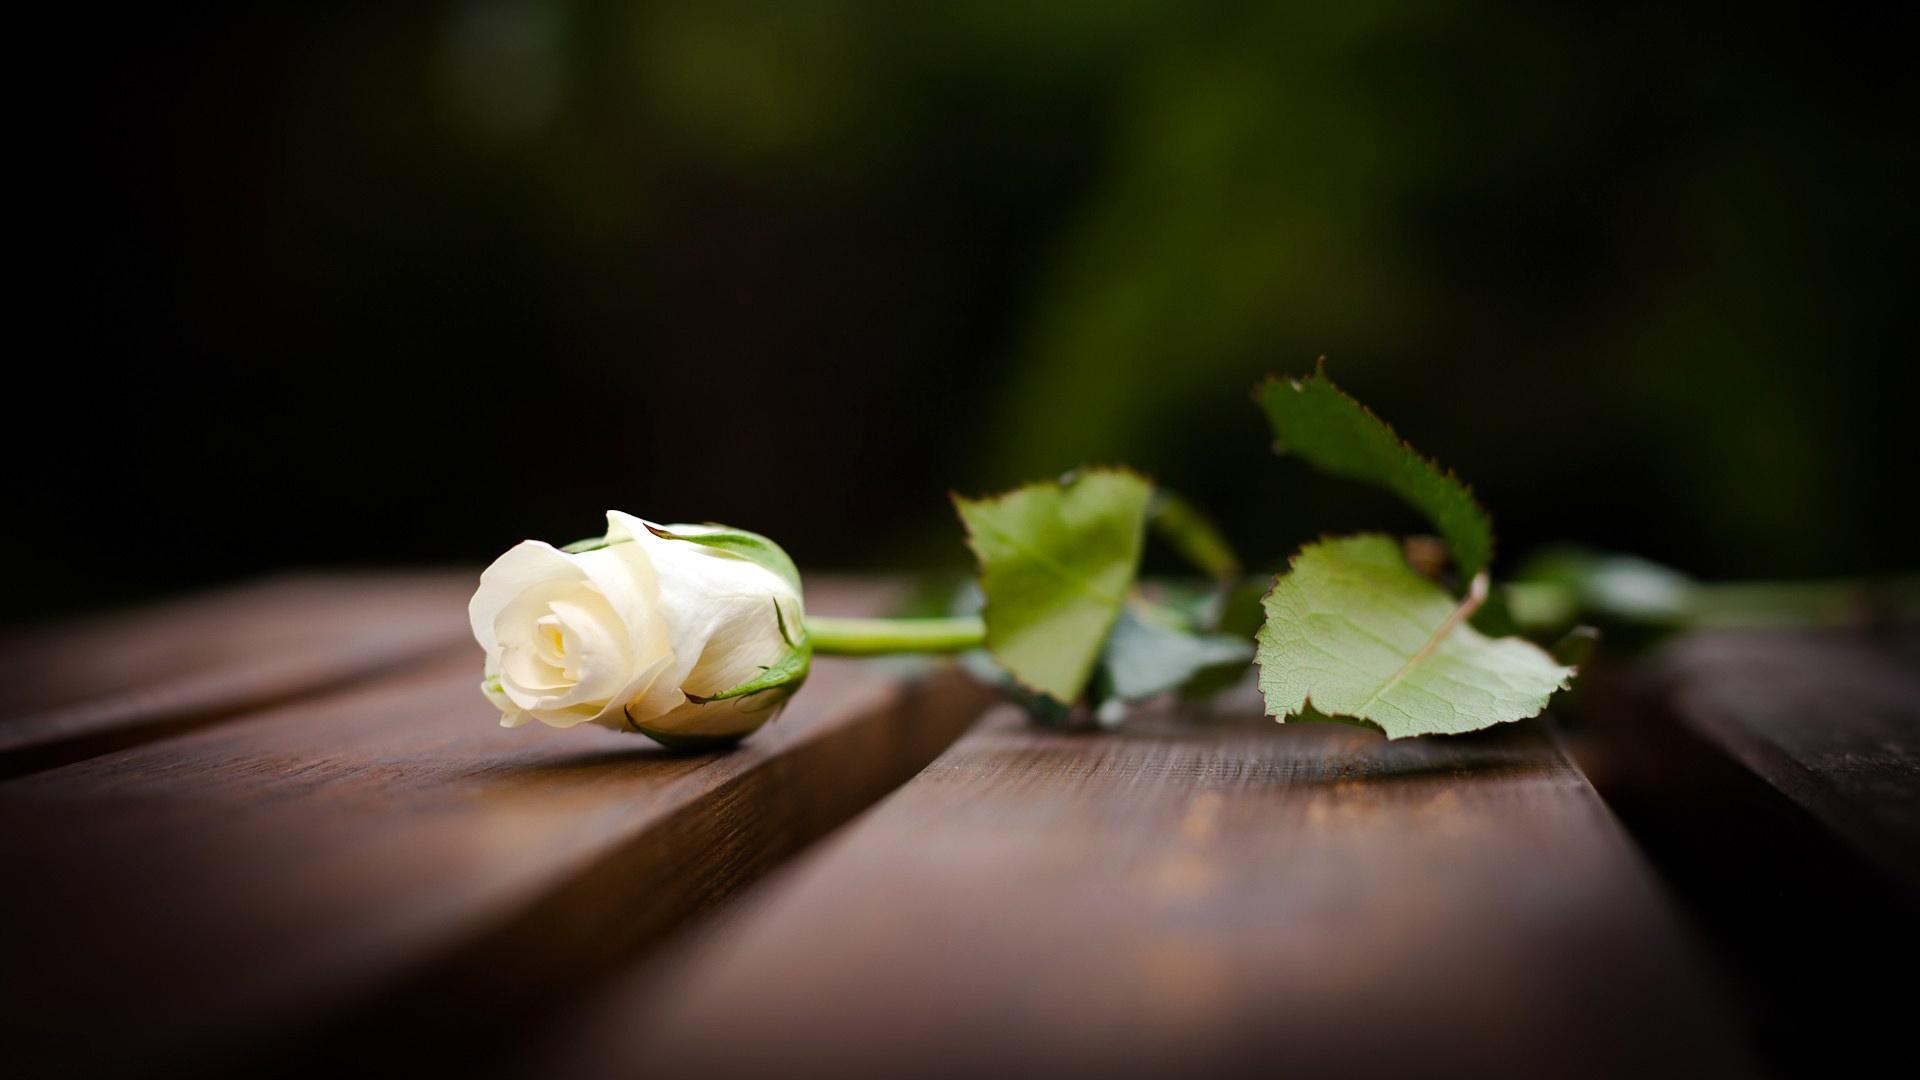 Ngoài ra còn có hoa hồng trắng nữa